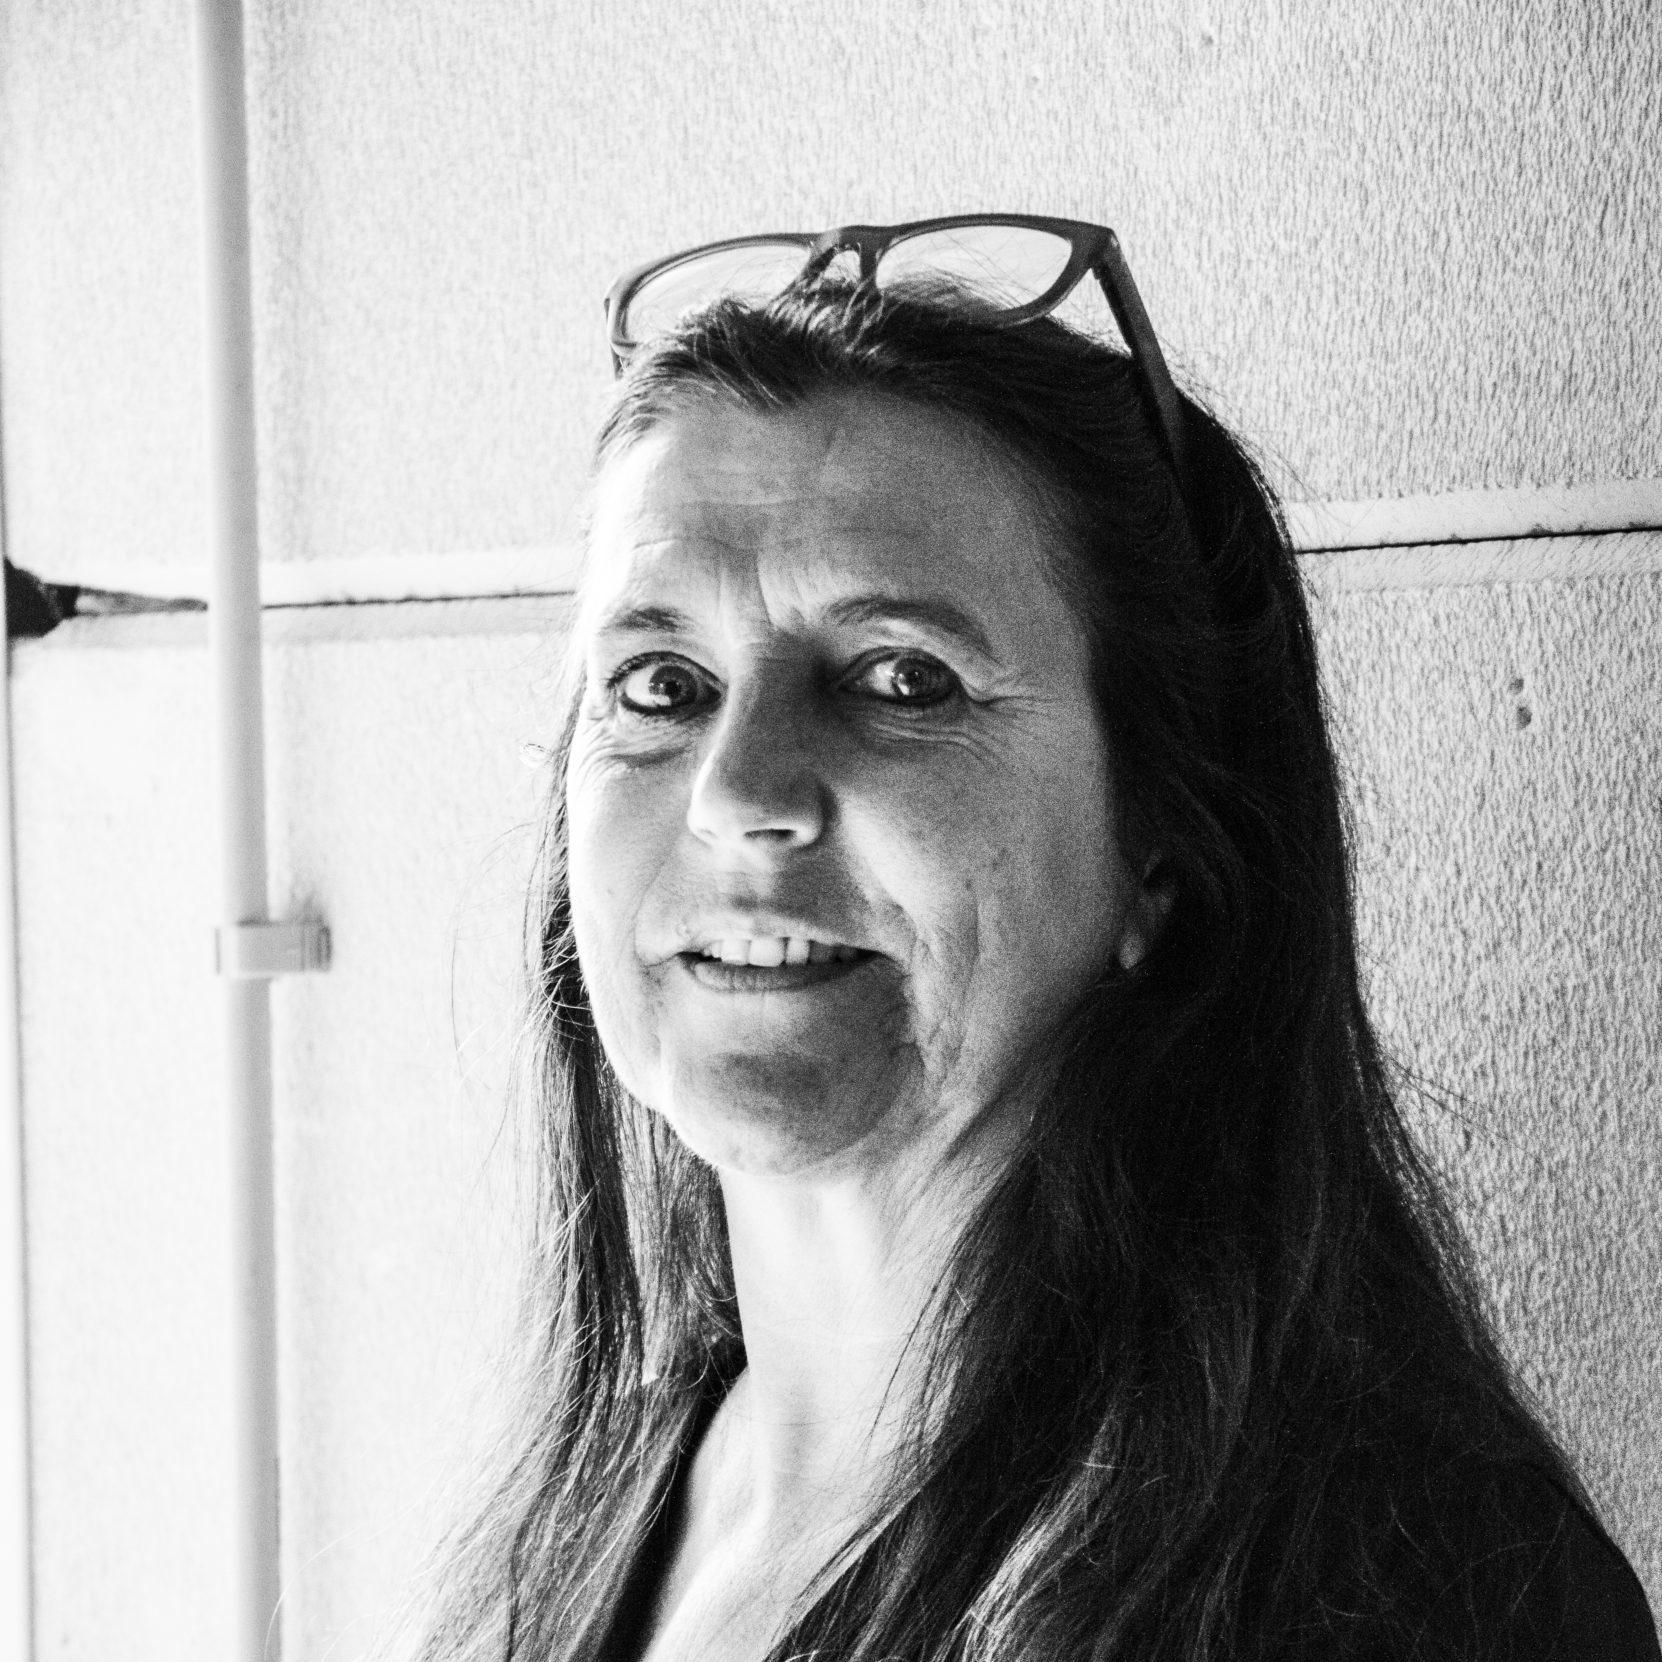 Linda Quirijnen